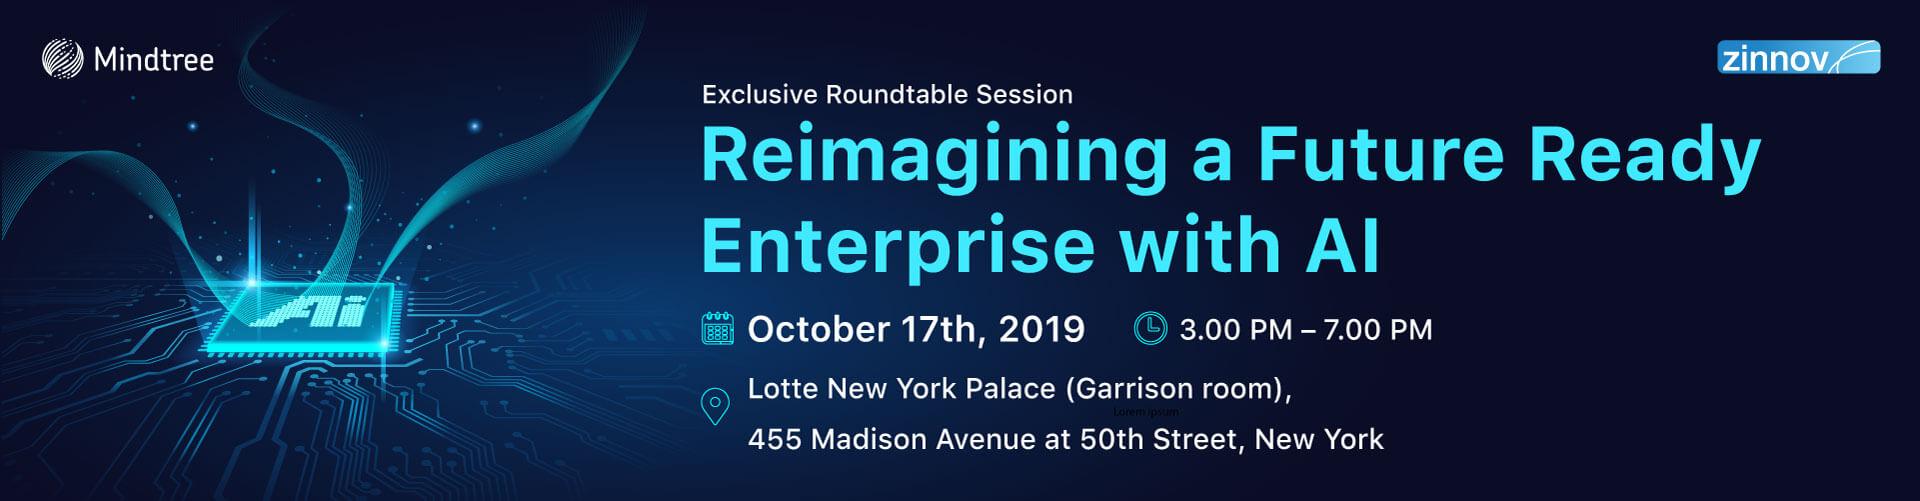 NY Breakfast Meet 2019